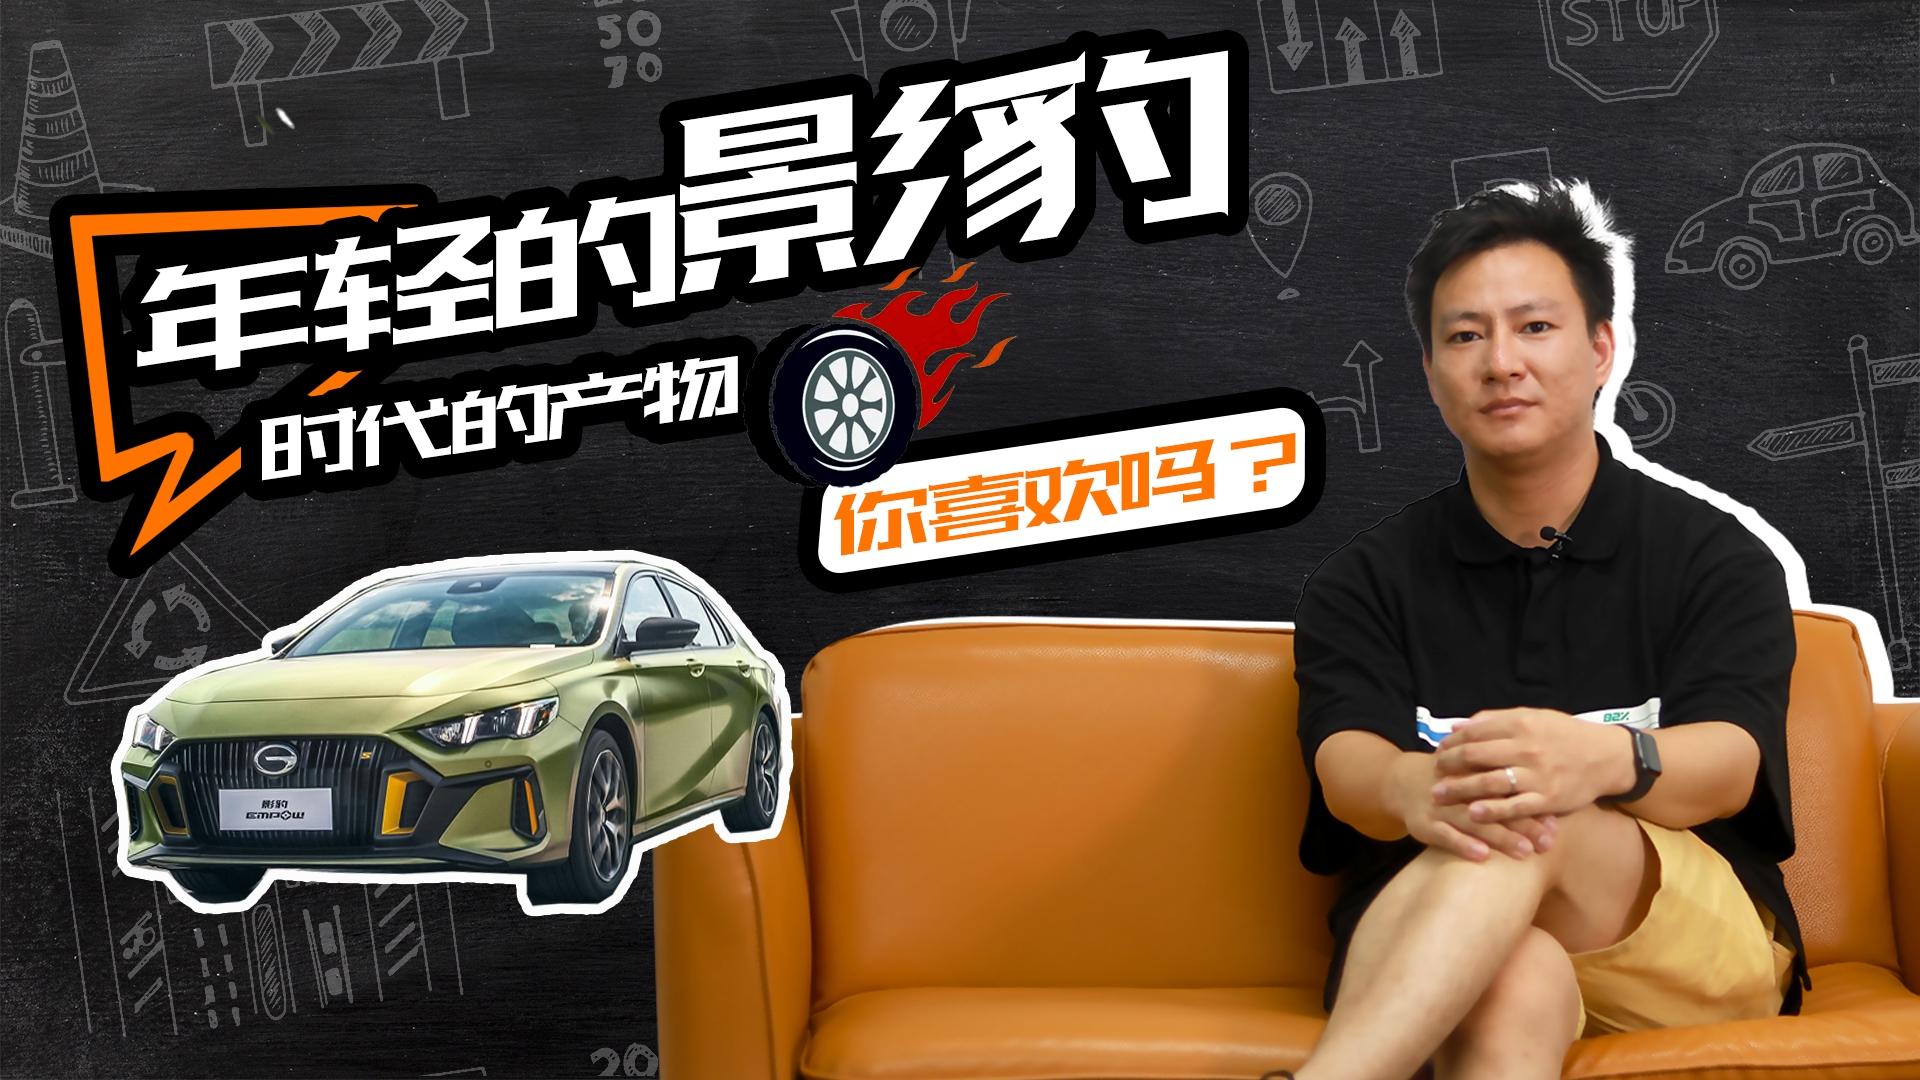 剑走偏方,不断年轻的汽车市场,影豹也是属于时代的产物